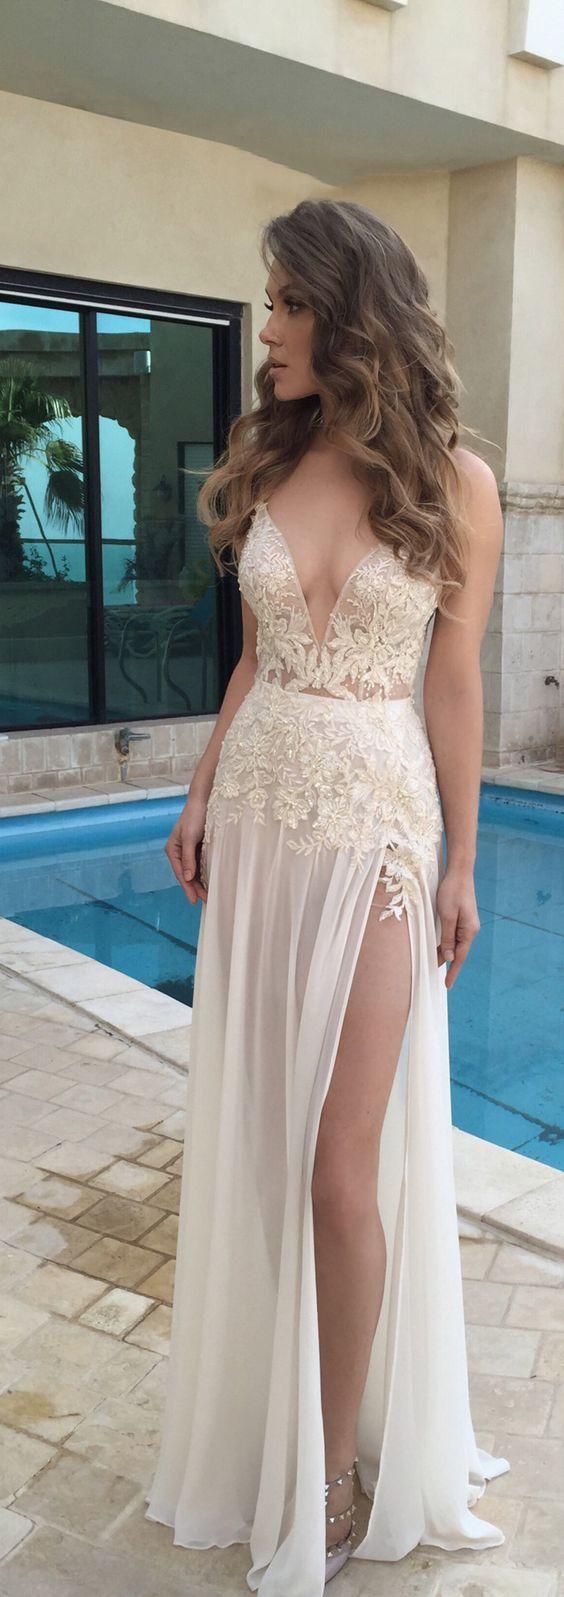 7f9a068a4e9 Chiffon lace prom dresses